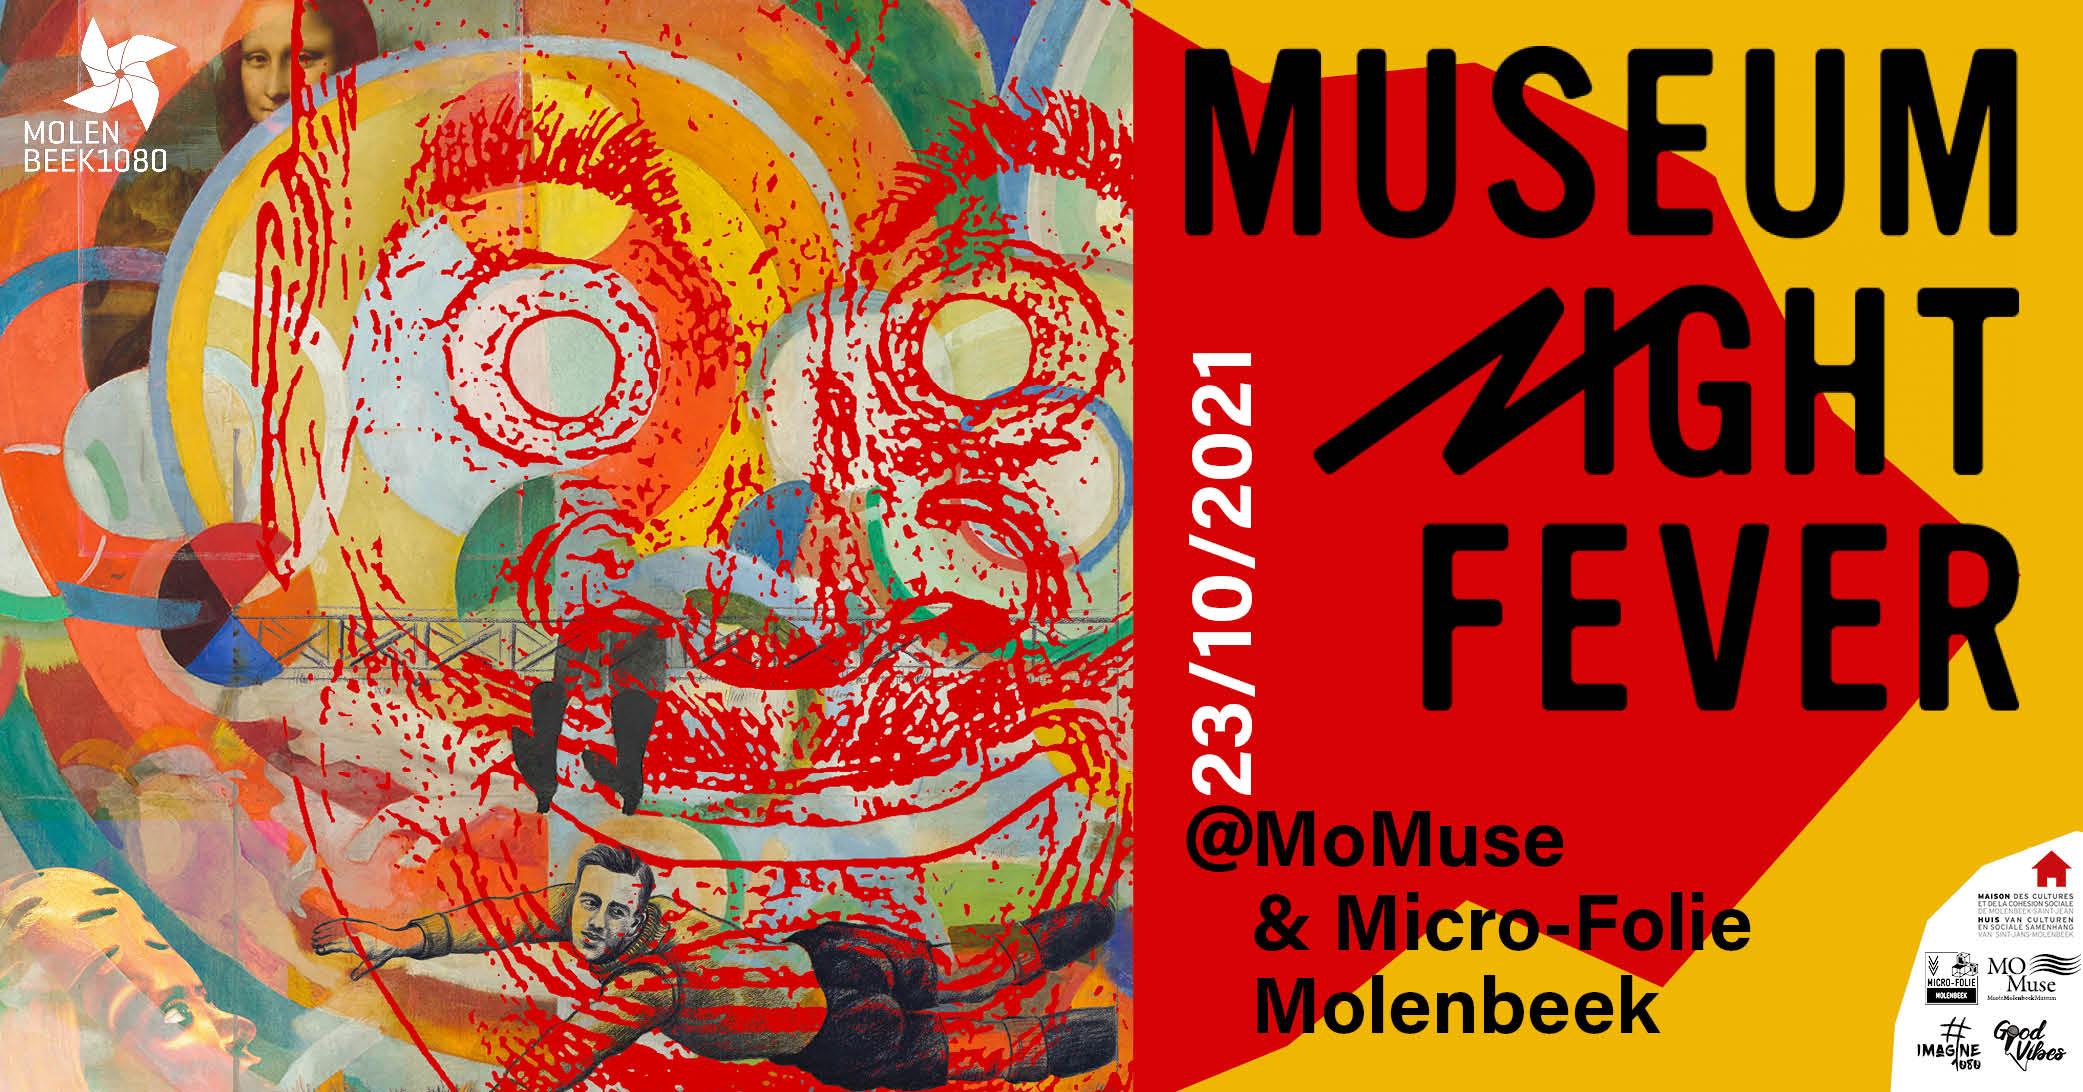 Museum Night Fever @Micro-Folie/MoMuse